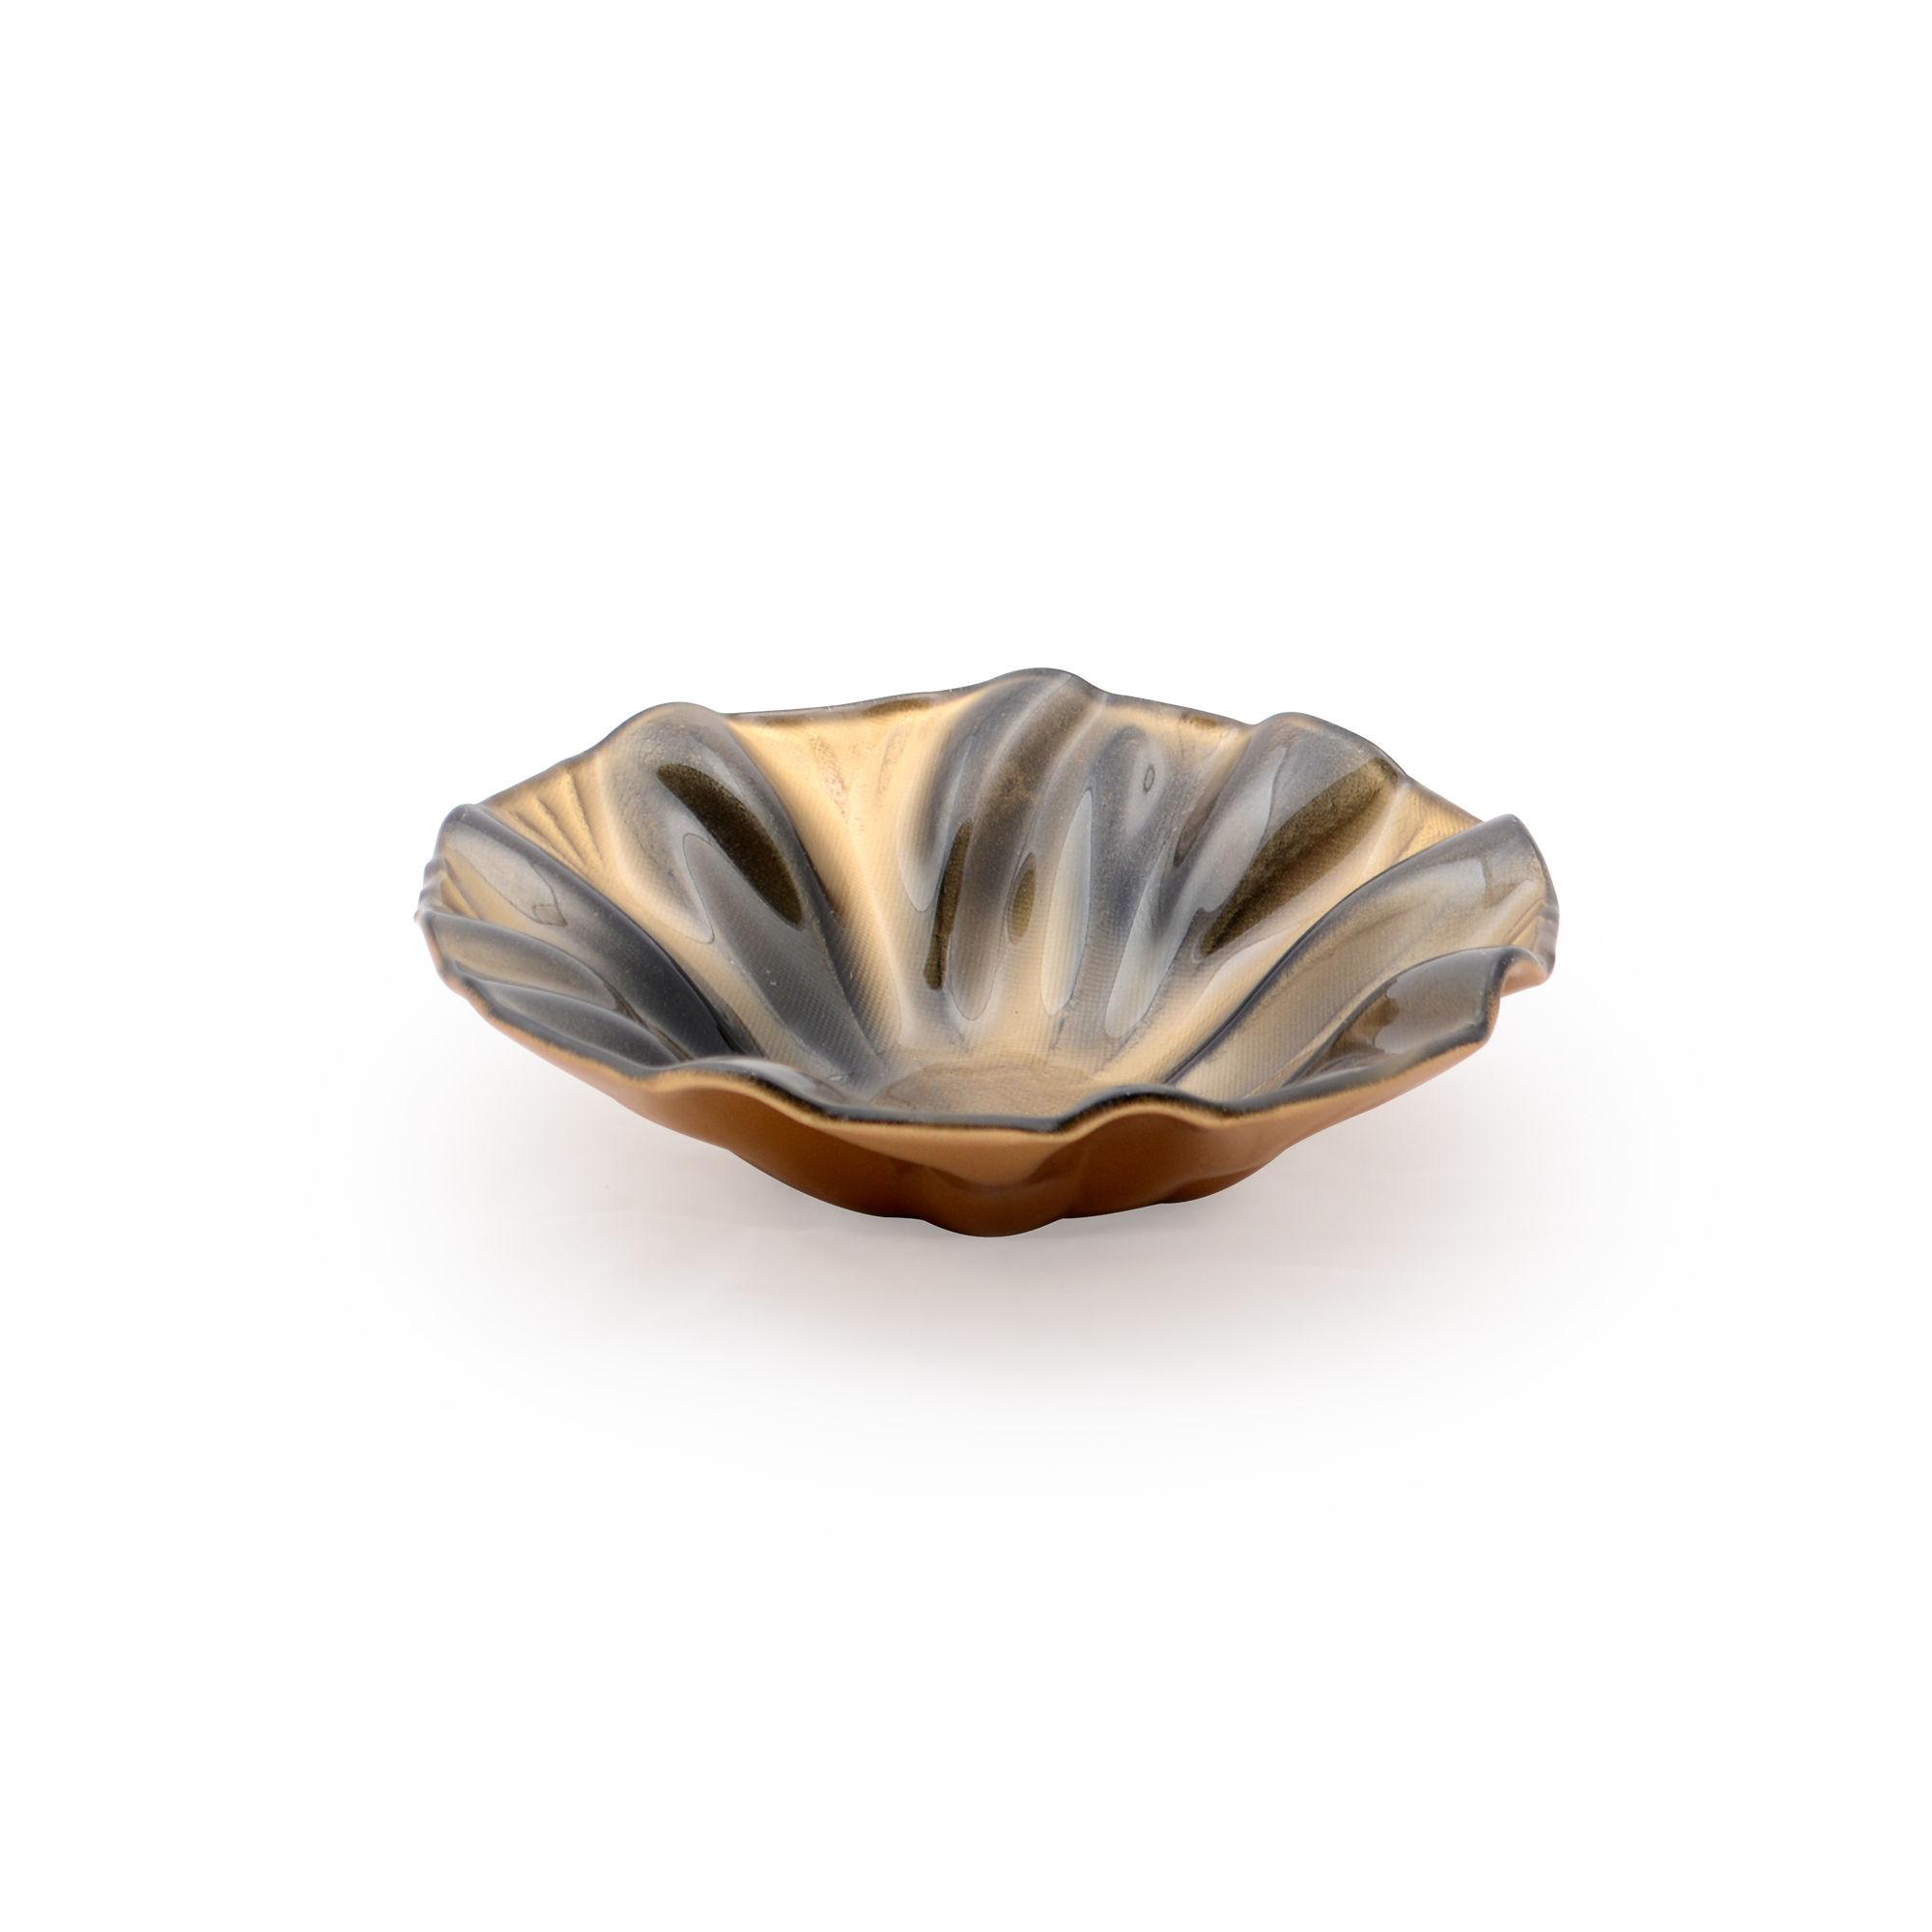 Bowl de vidro Metalizado